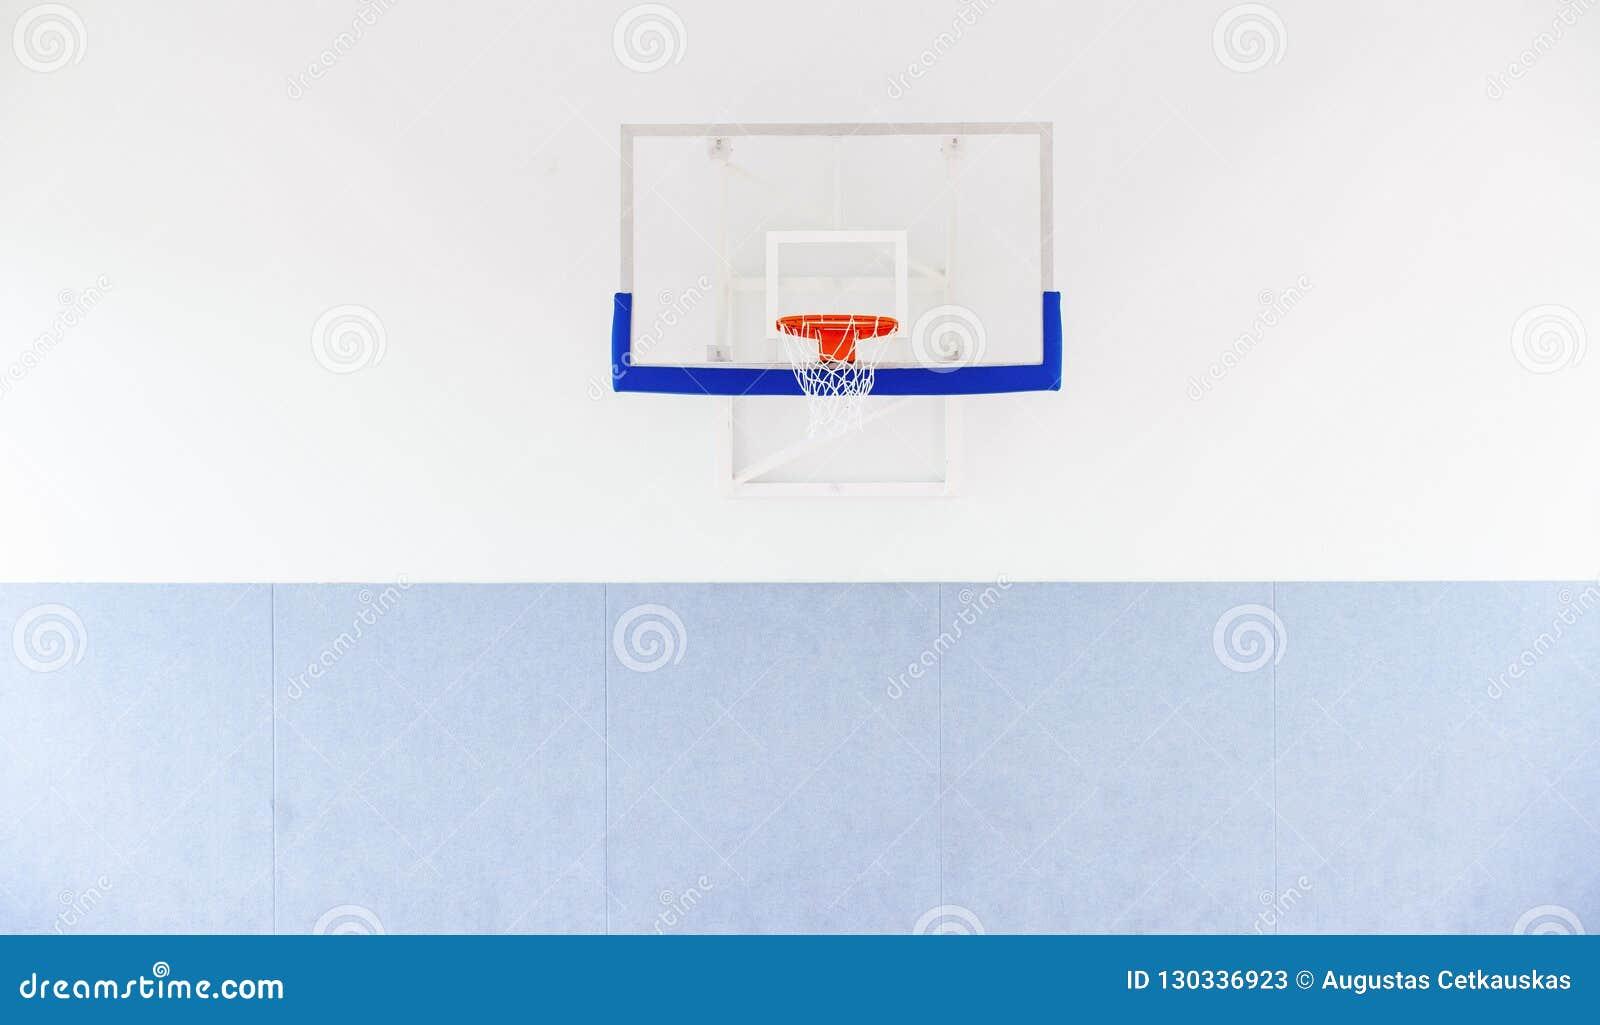 Κλουβί στεφανών καλαθοσφαίρισης, απομονωμένη μεγάλη κινηματογράφηση σε πρώτο πλάνο ραχών, νέο outd